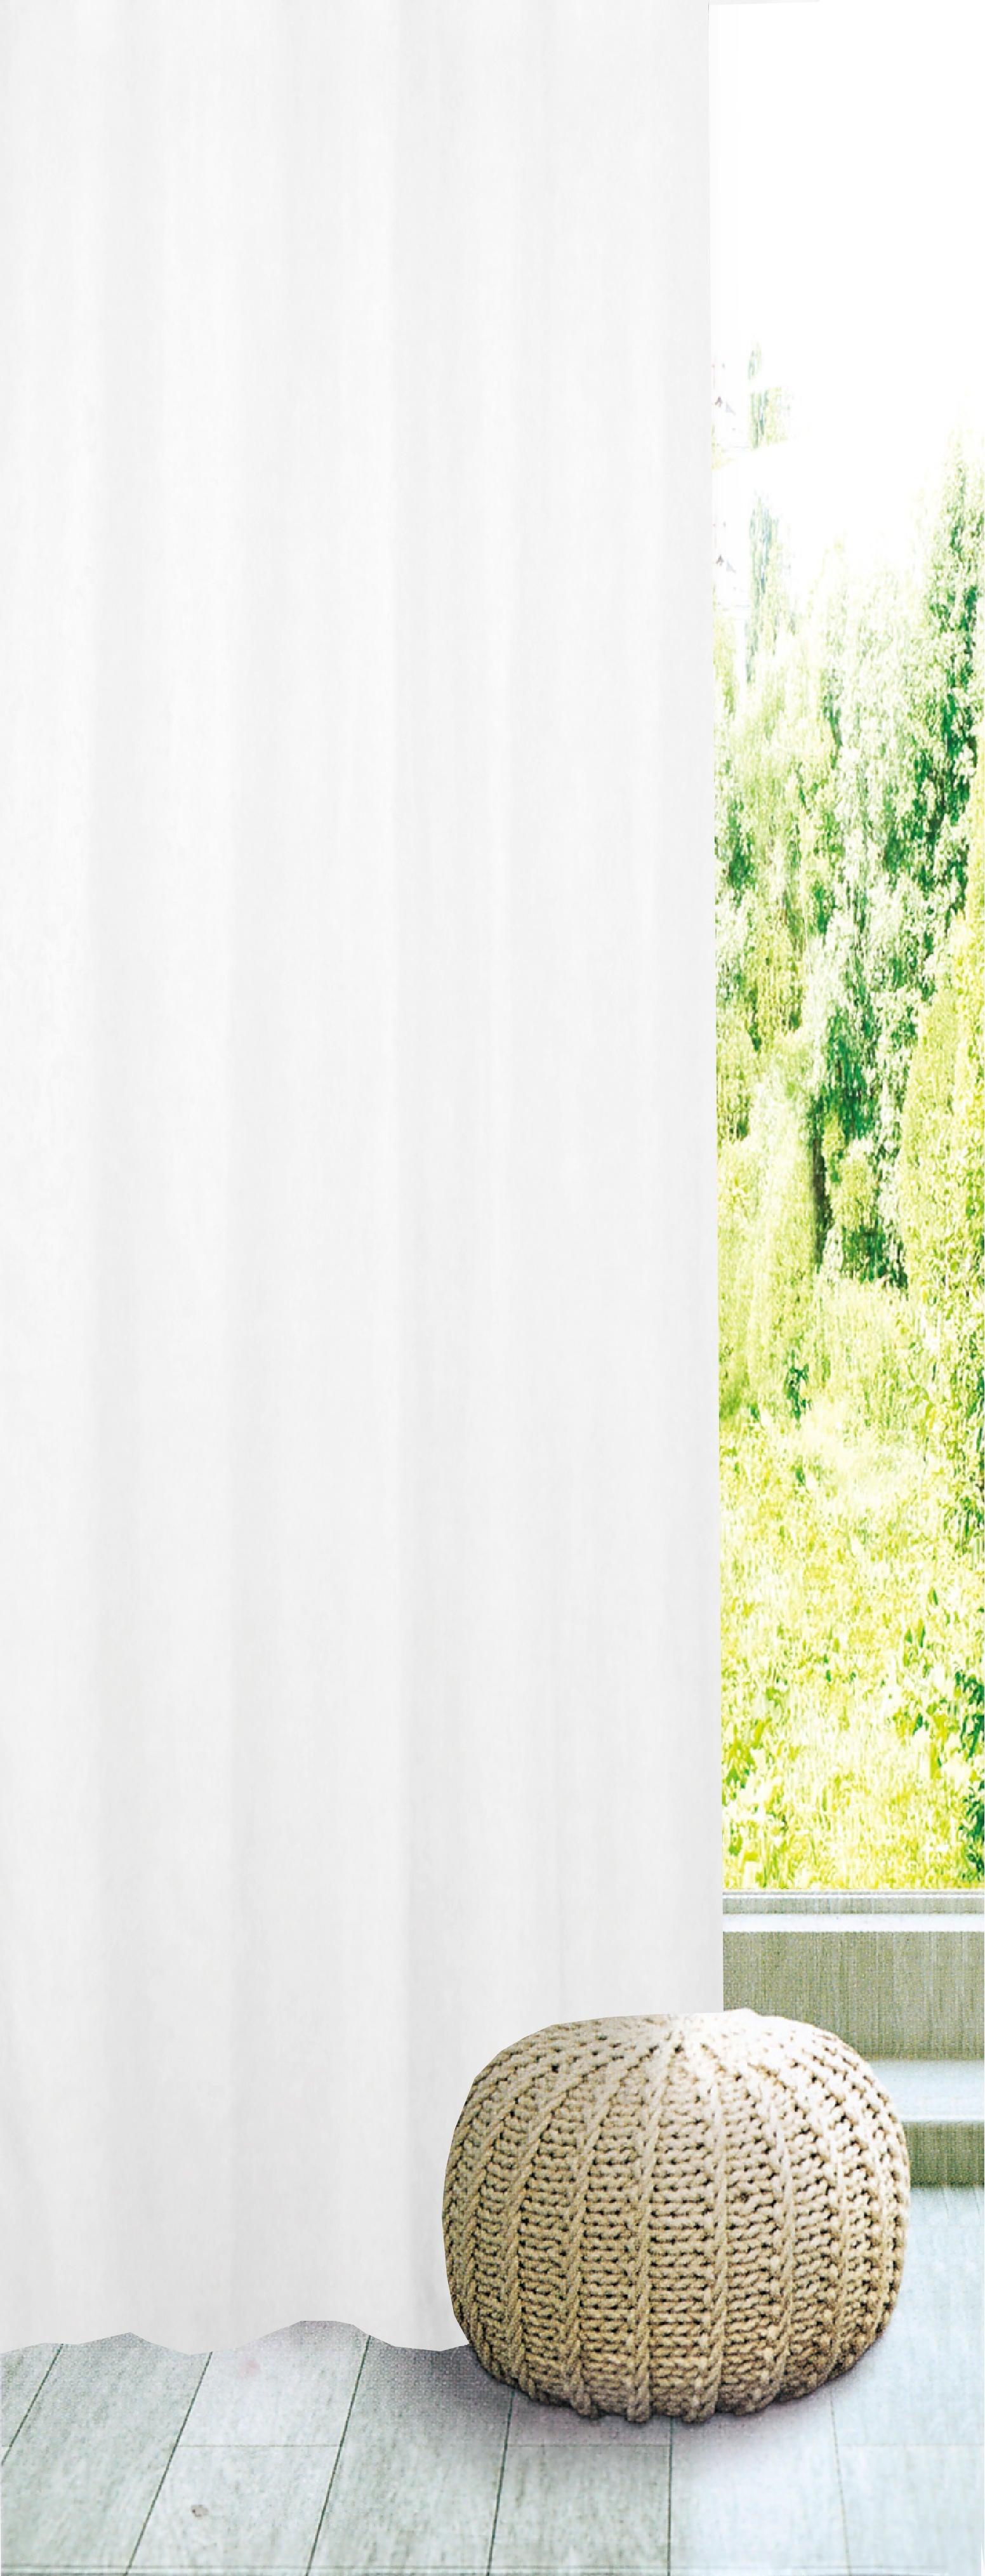 Tenda INSPIRE Charlina bianco passanti 140 x 280 cm - 6